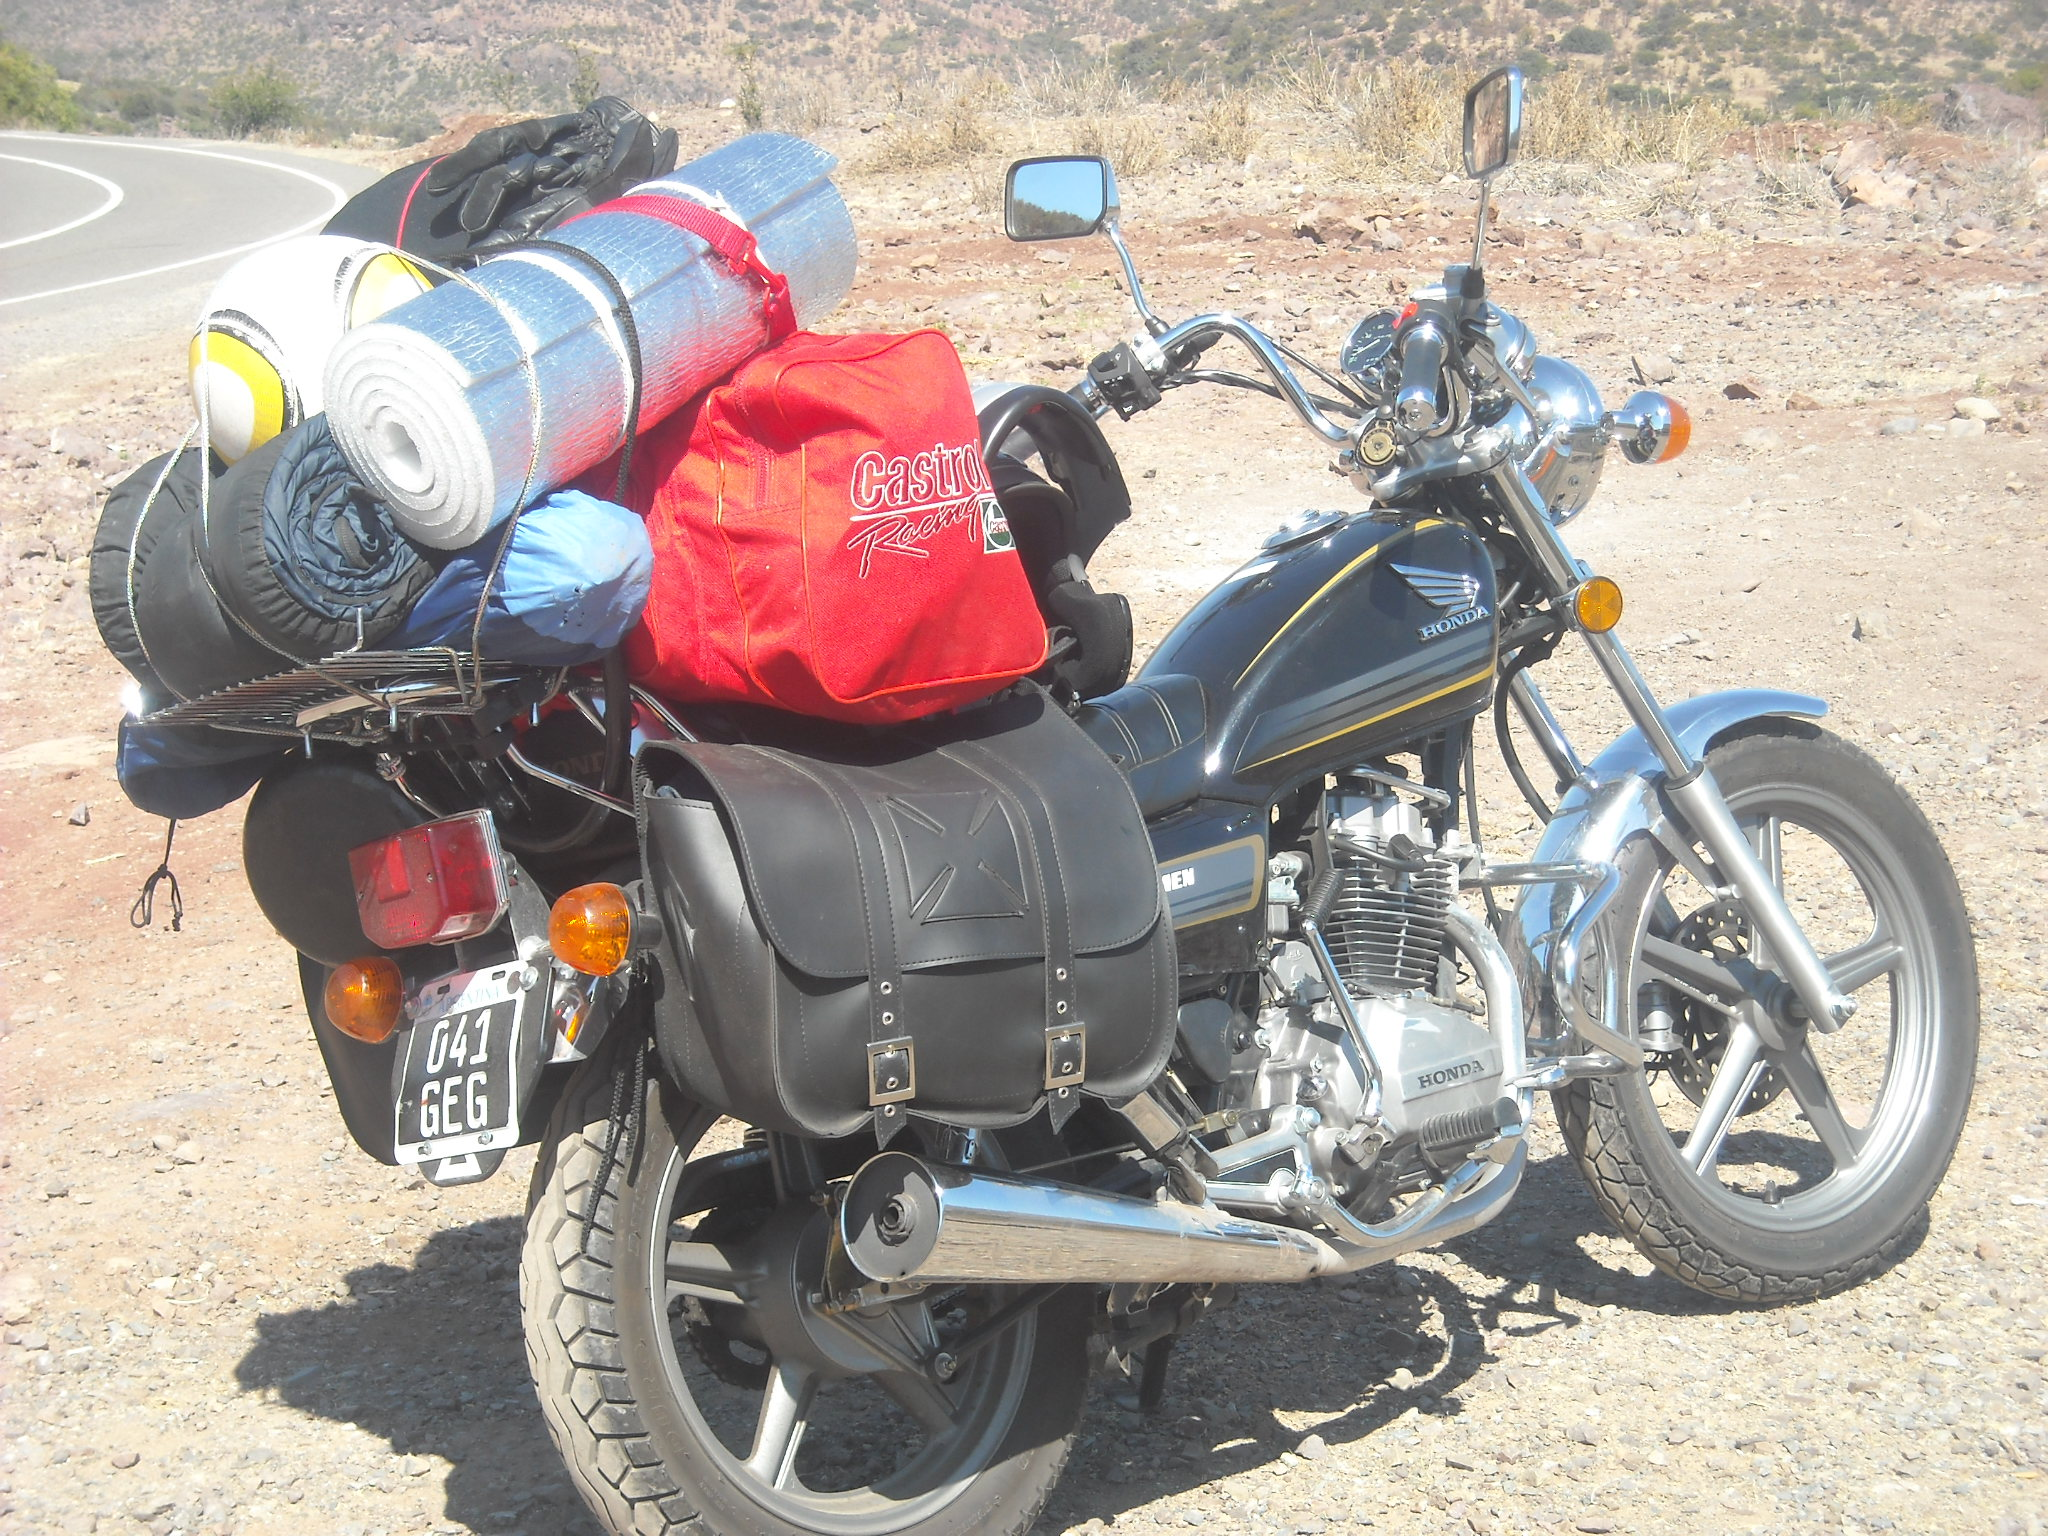 moto-muy-cargada